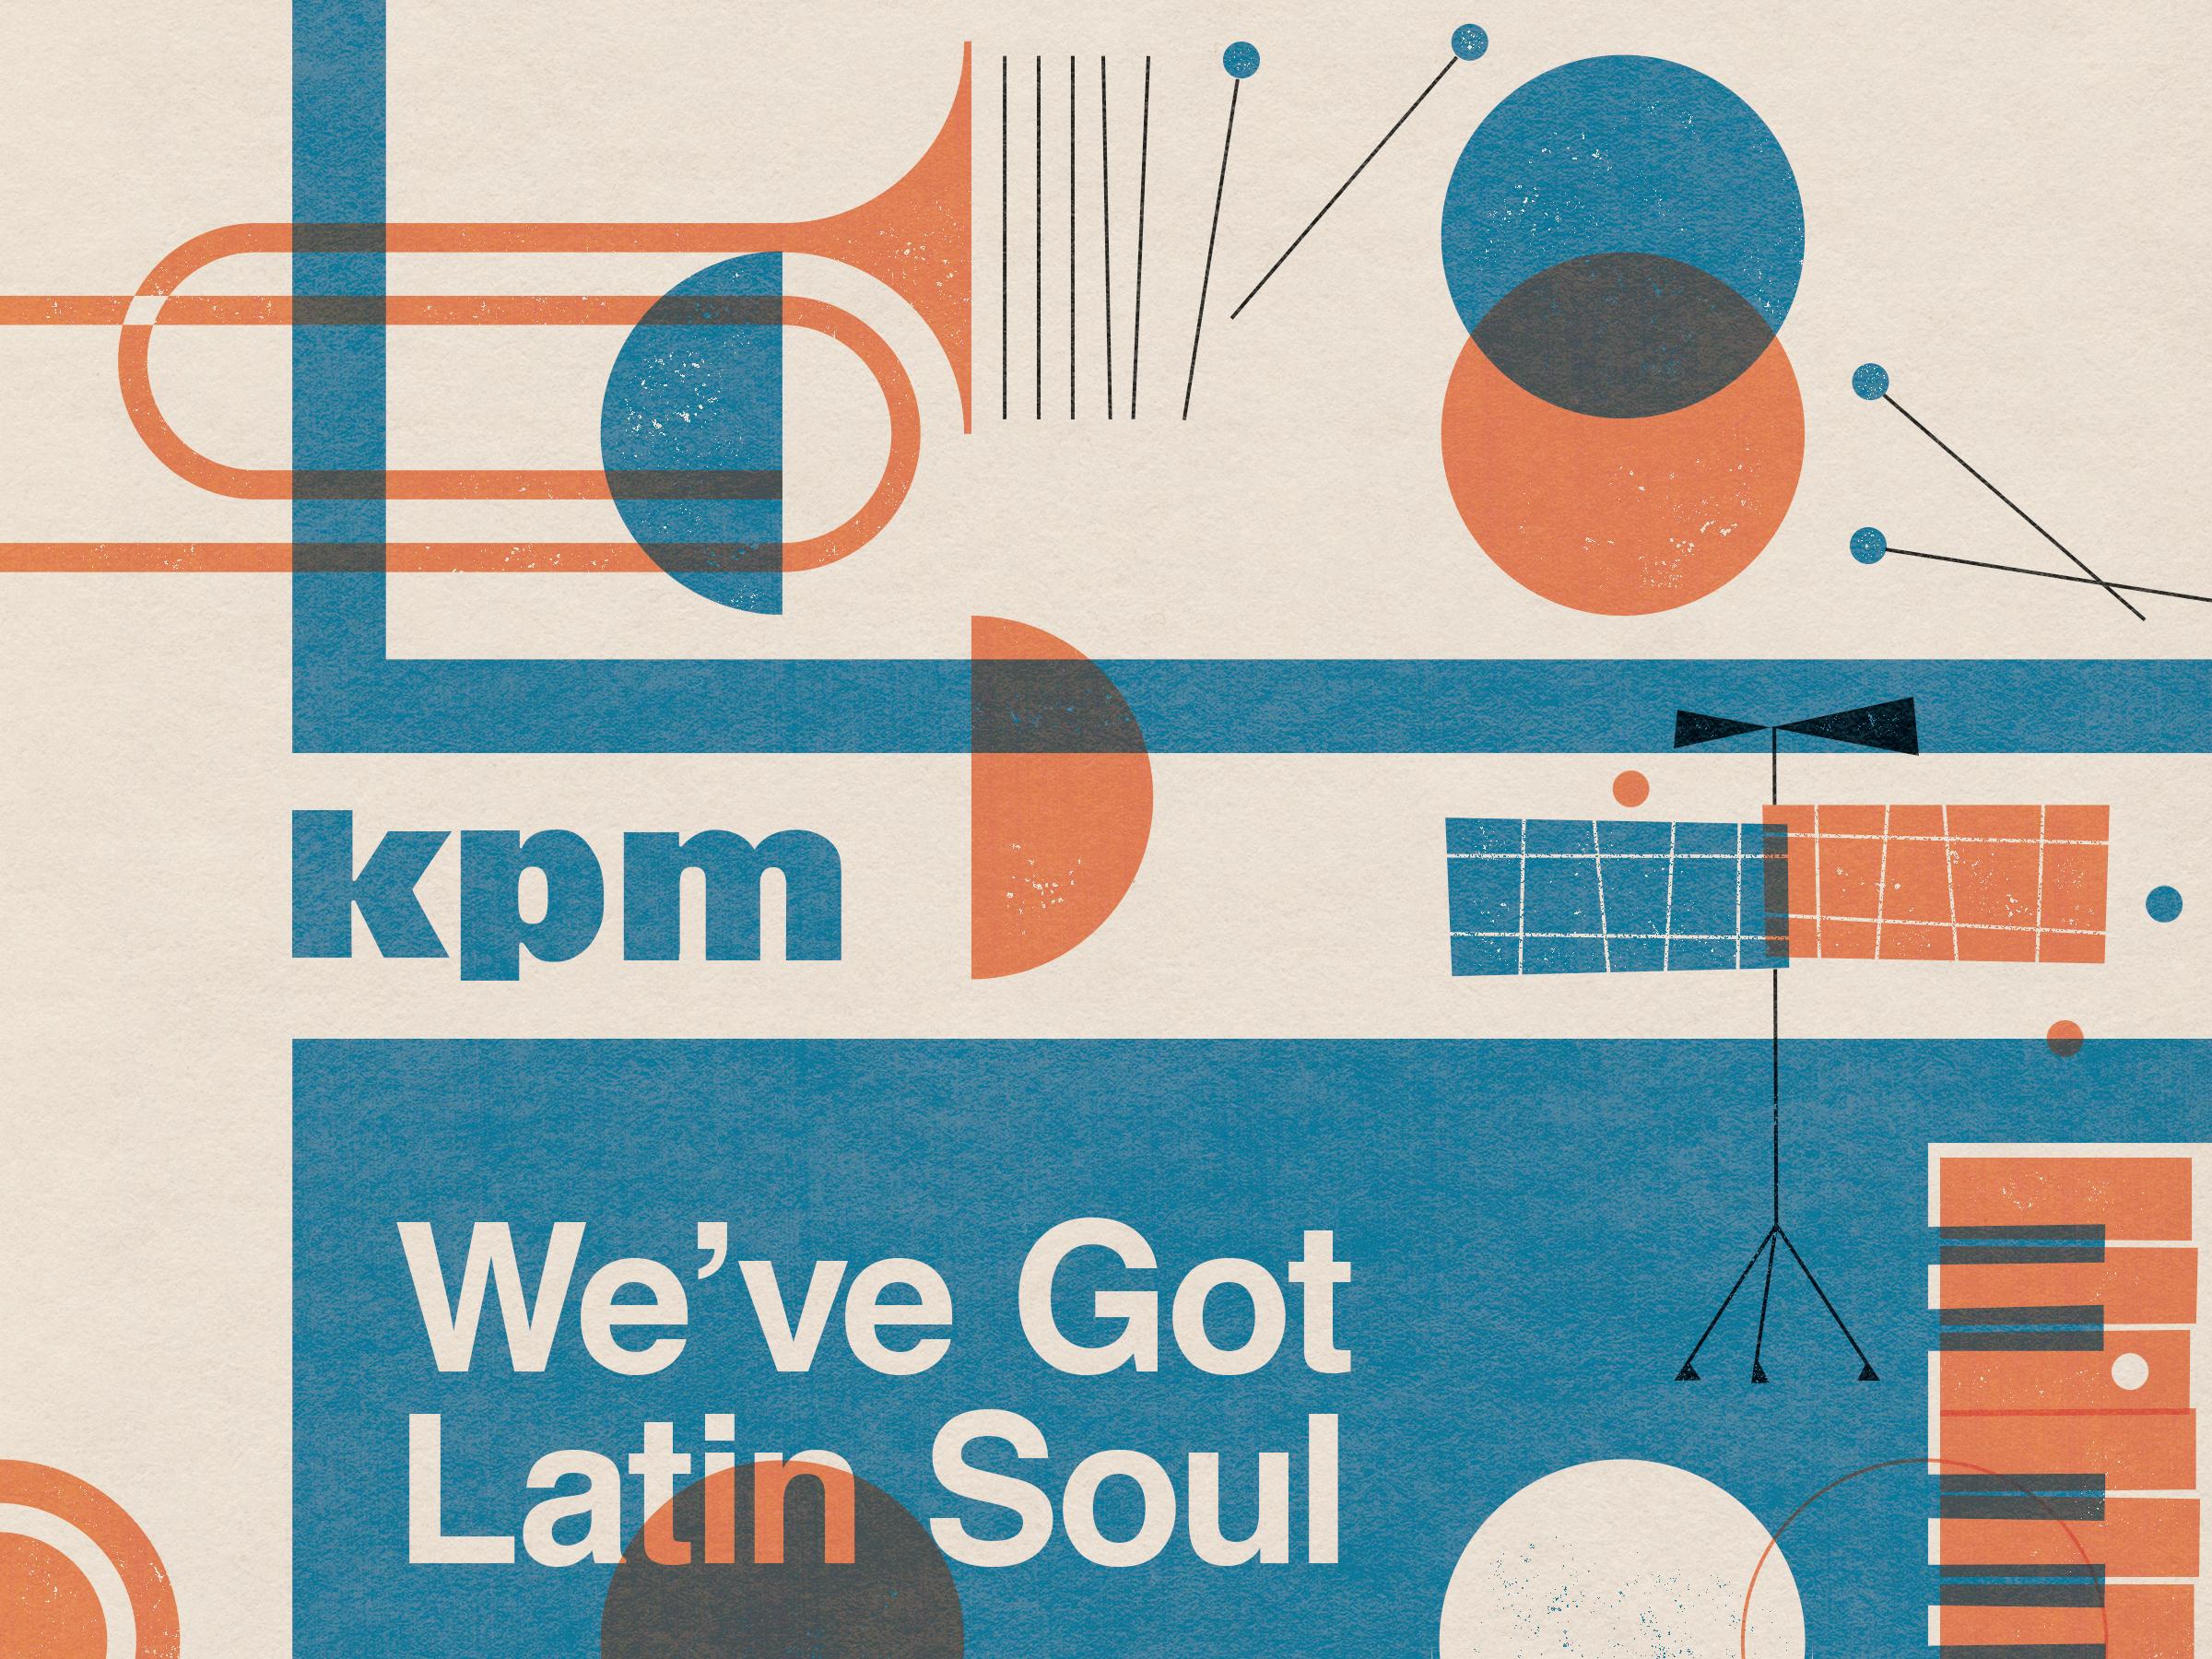 Nick radford folio illustration music album cover collage emi latin soul